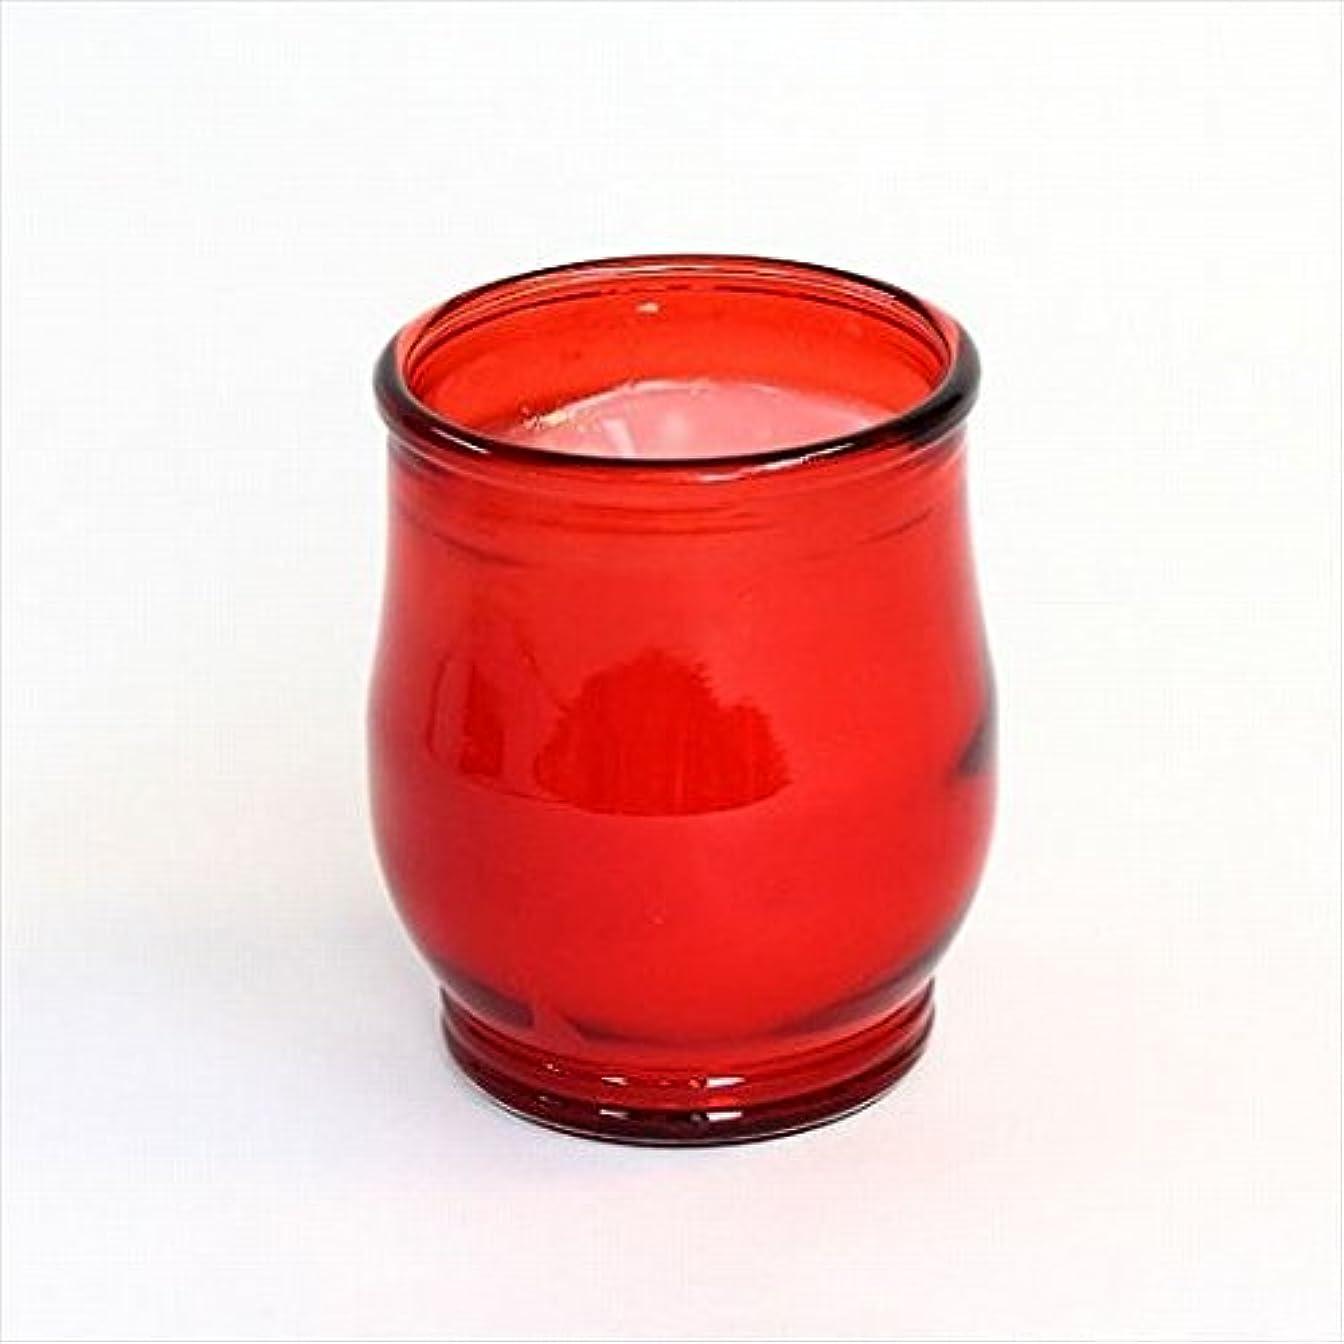 喜ぶ解決せっかちkameyama candle(カメヤマキャンドル) ポシェ(非常用コップローソク) 「 レッド 」 キャンドル 68x68x80mm (73020000R)